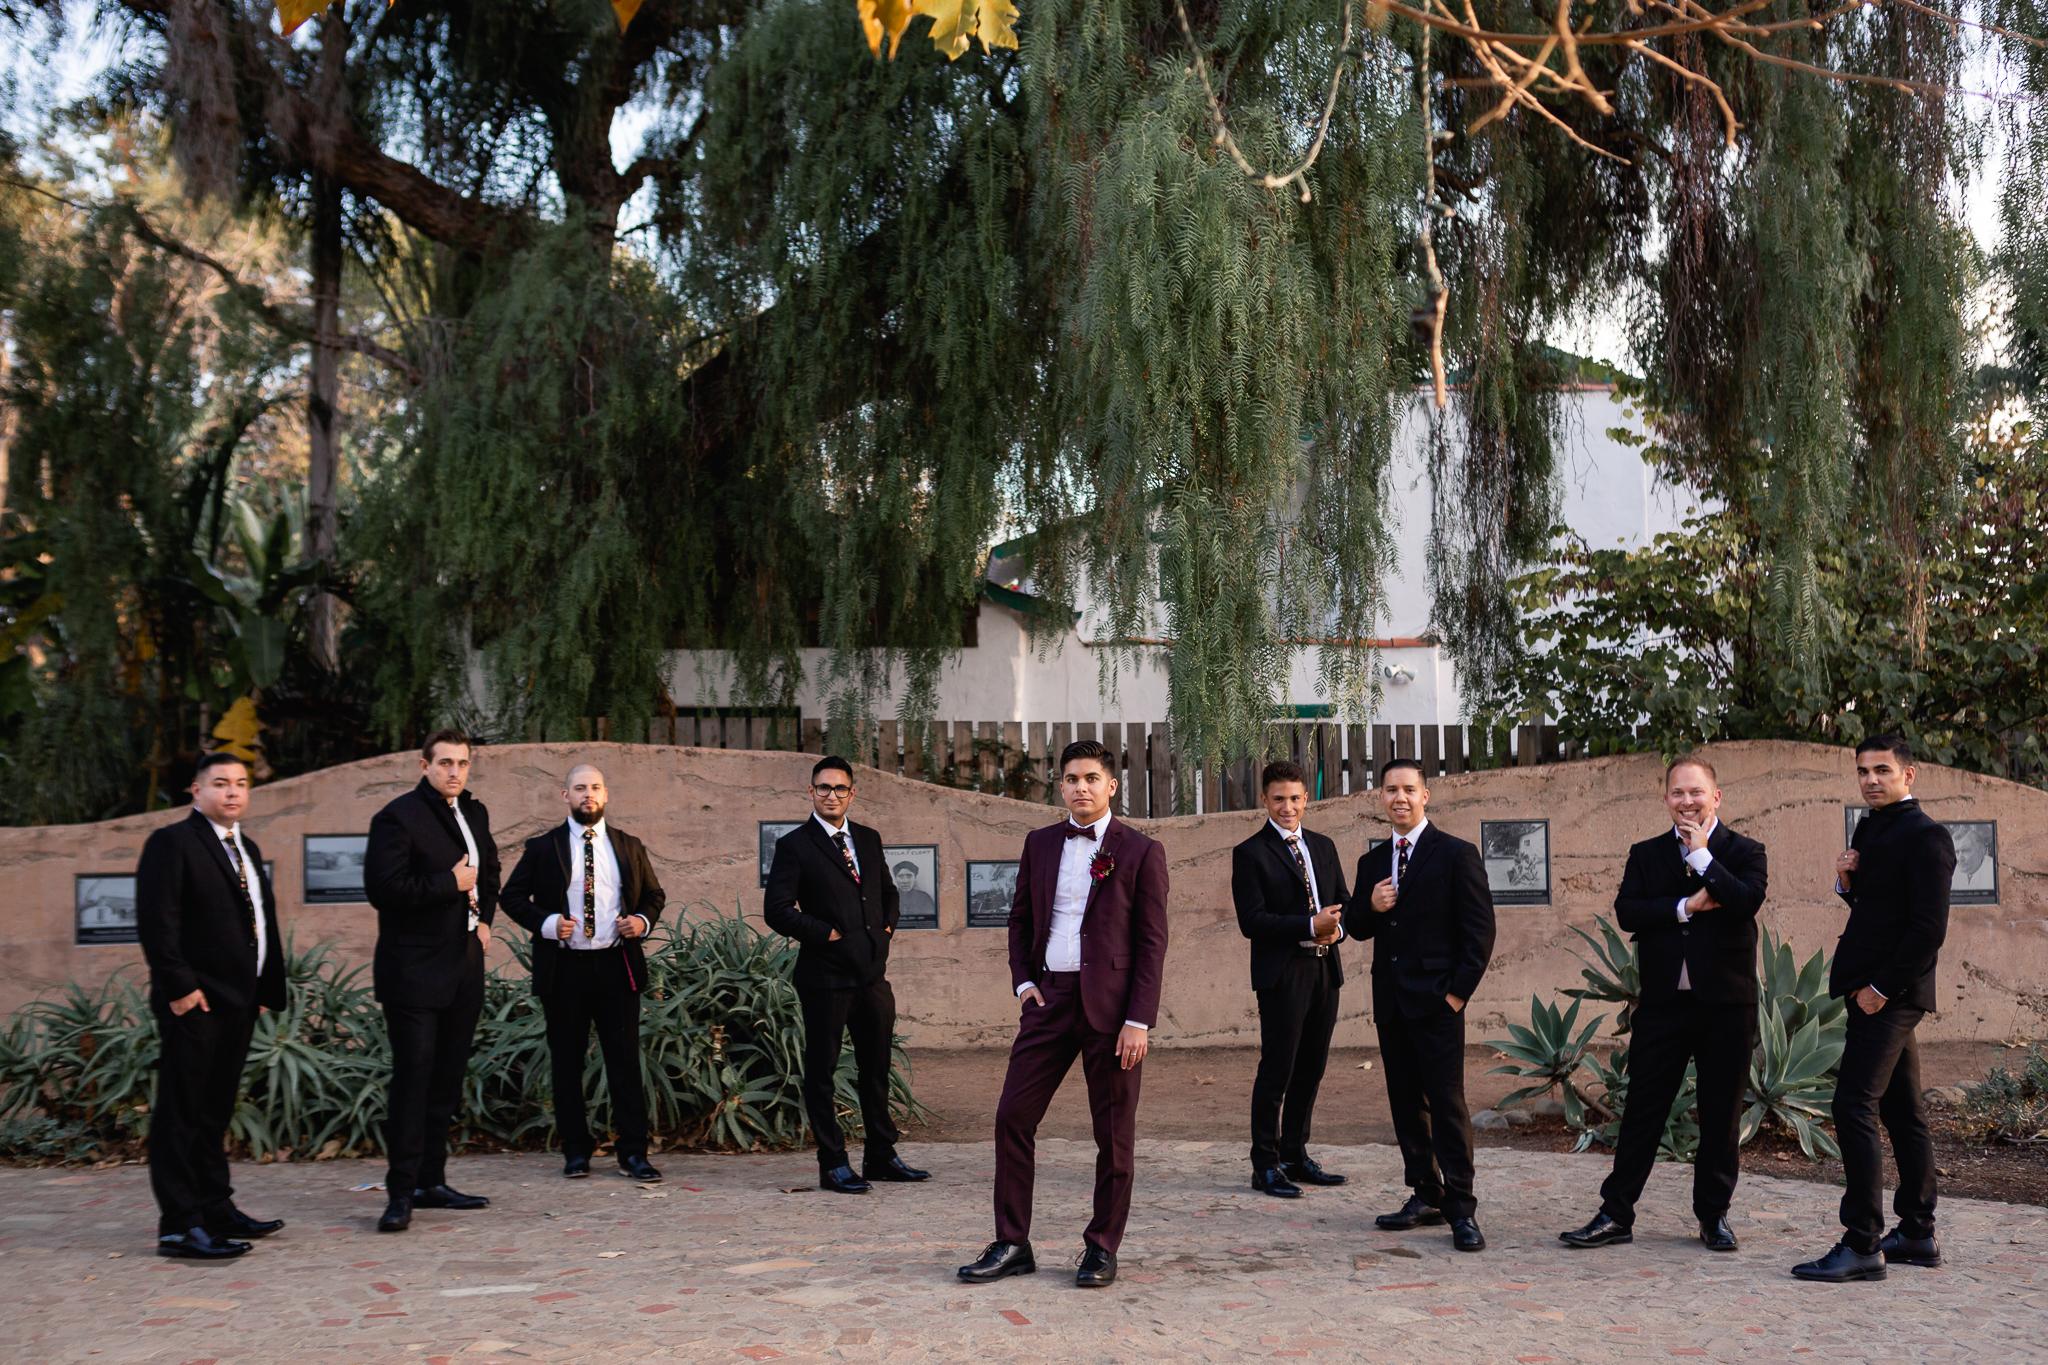 San Juan Capistrano Wedding by Blessed Weddings (25 of 72).jpg